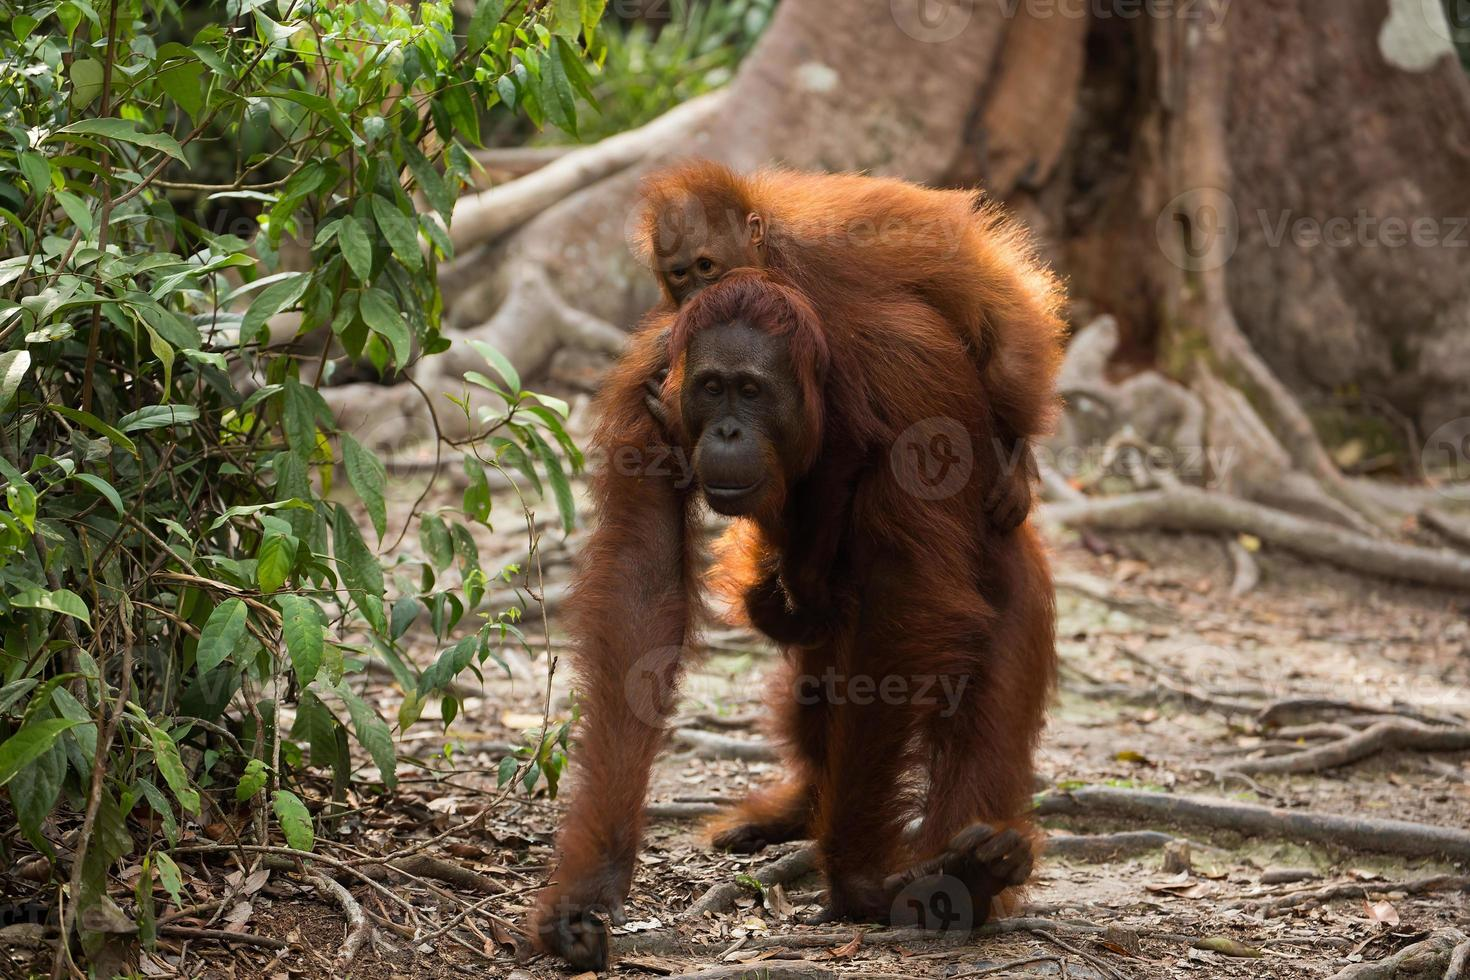 Familia de orangutanes en borneo. foto